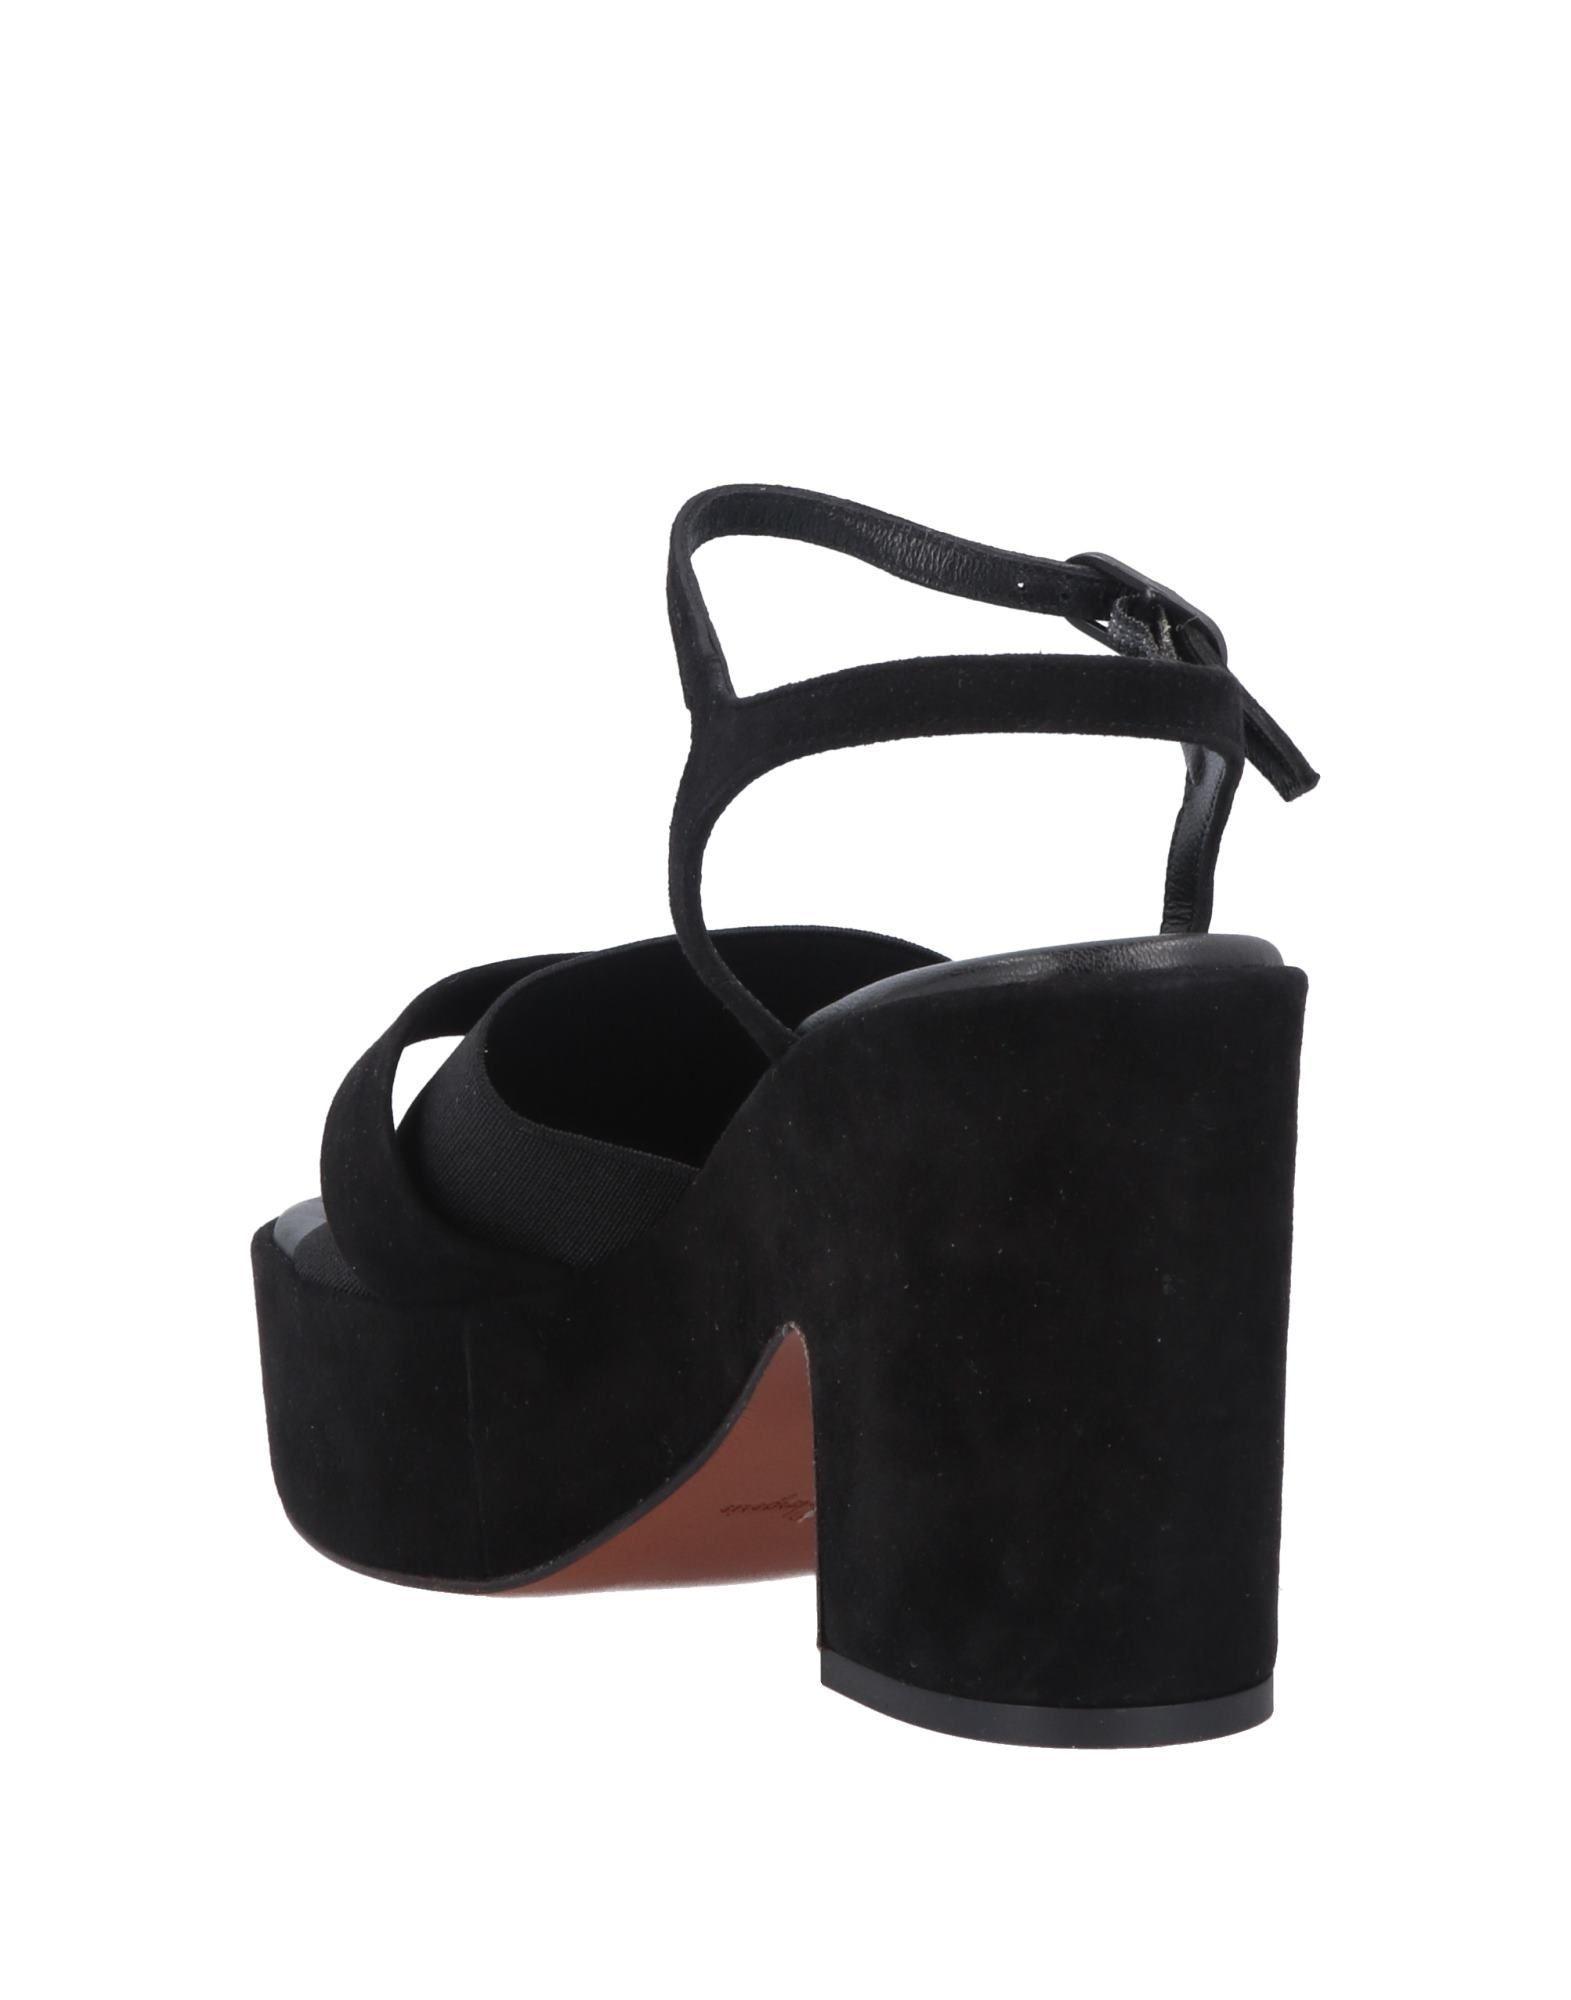 c0f4ebc32c5 Lyst - Robert Clergerie Sandals in Black